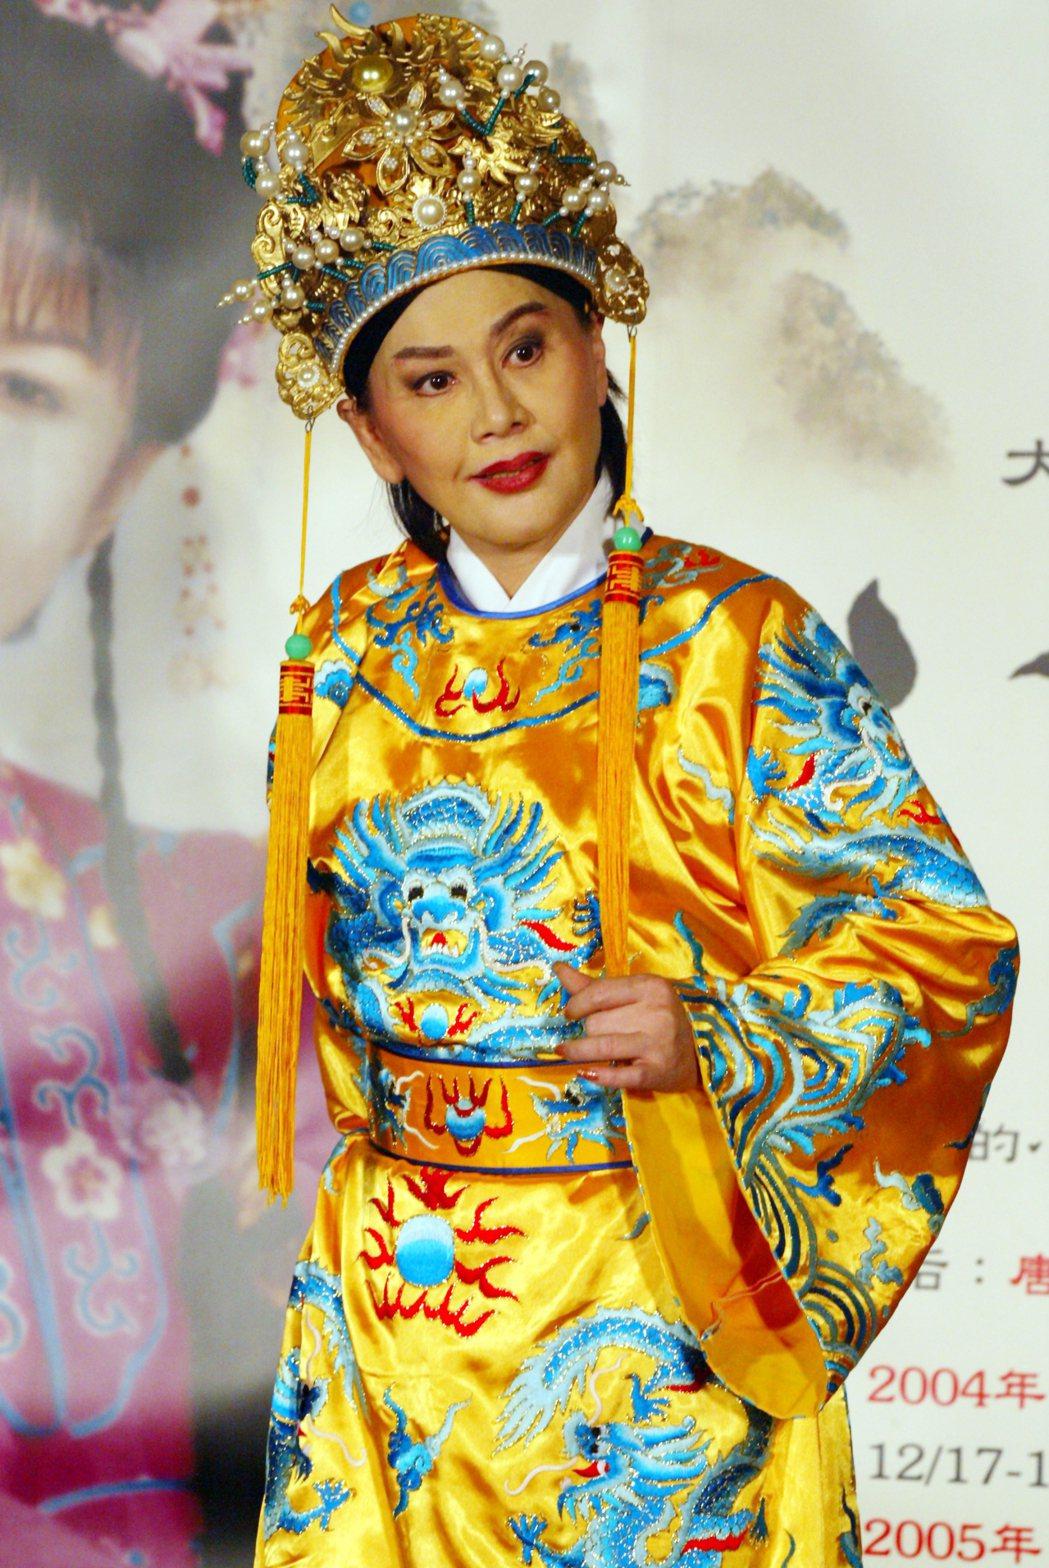 陳麗麗曾在江山美人黃梅調音樂劇中飾演正德皇。圖/本報資料照